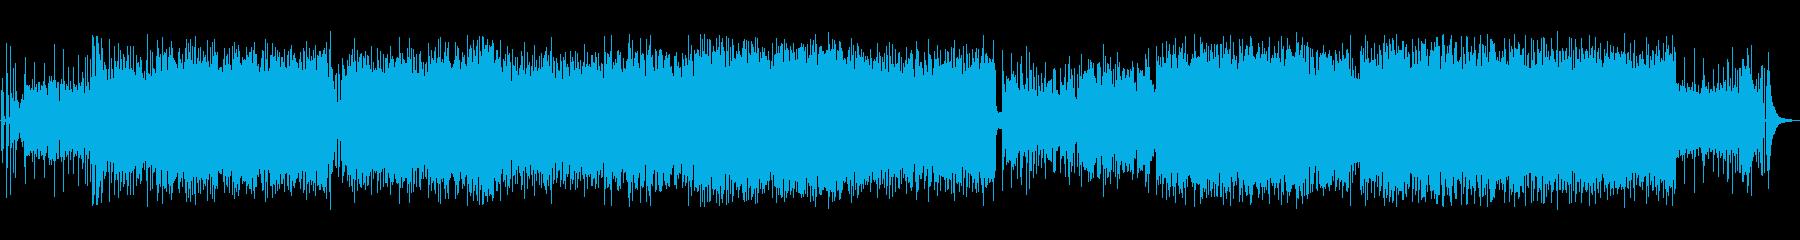 ジプシーで情熱的なドラムンベース の再生済みの波形